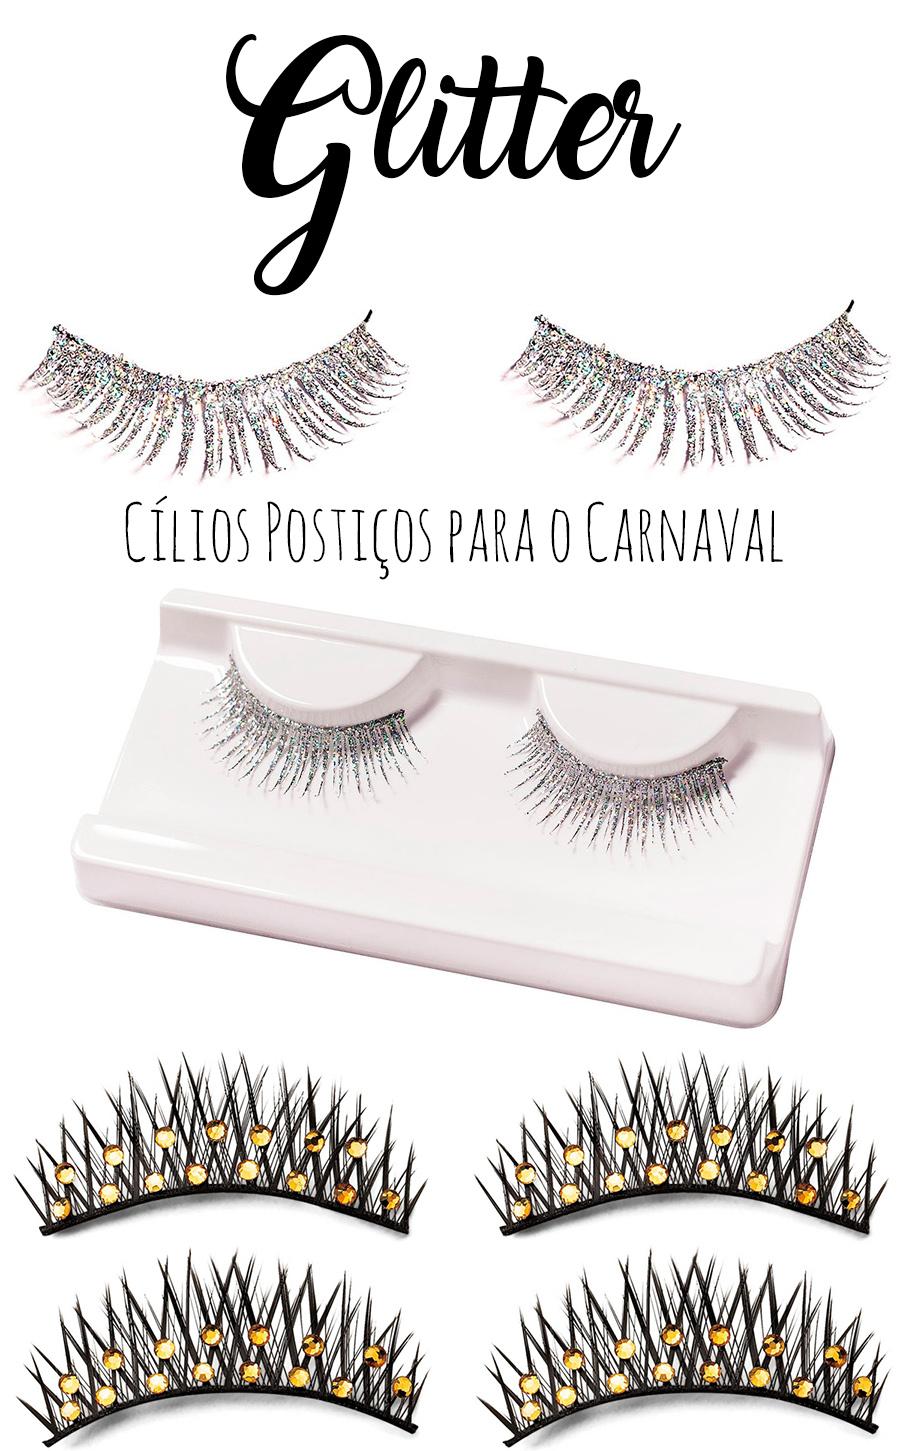 Cílios_2_postiços_glitter_carnaval_2018_01 copy